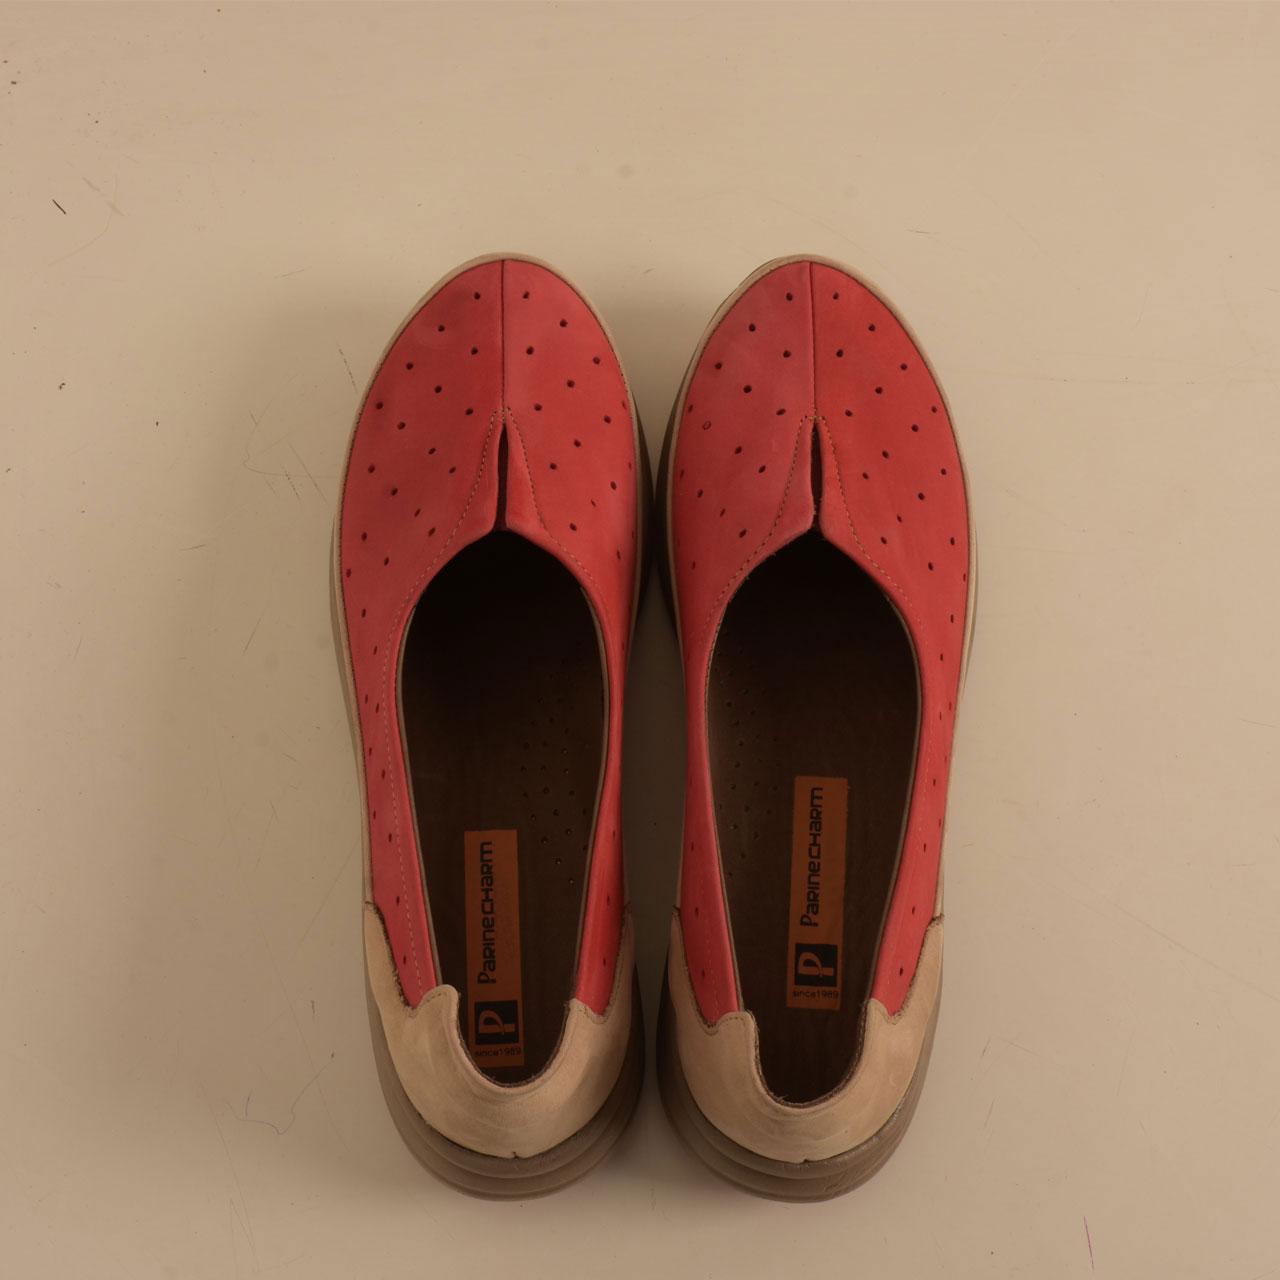 کفش روزمره زنانه پارینه چرم مدل SHOW4-2 main 1 3